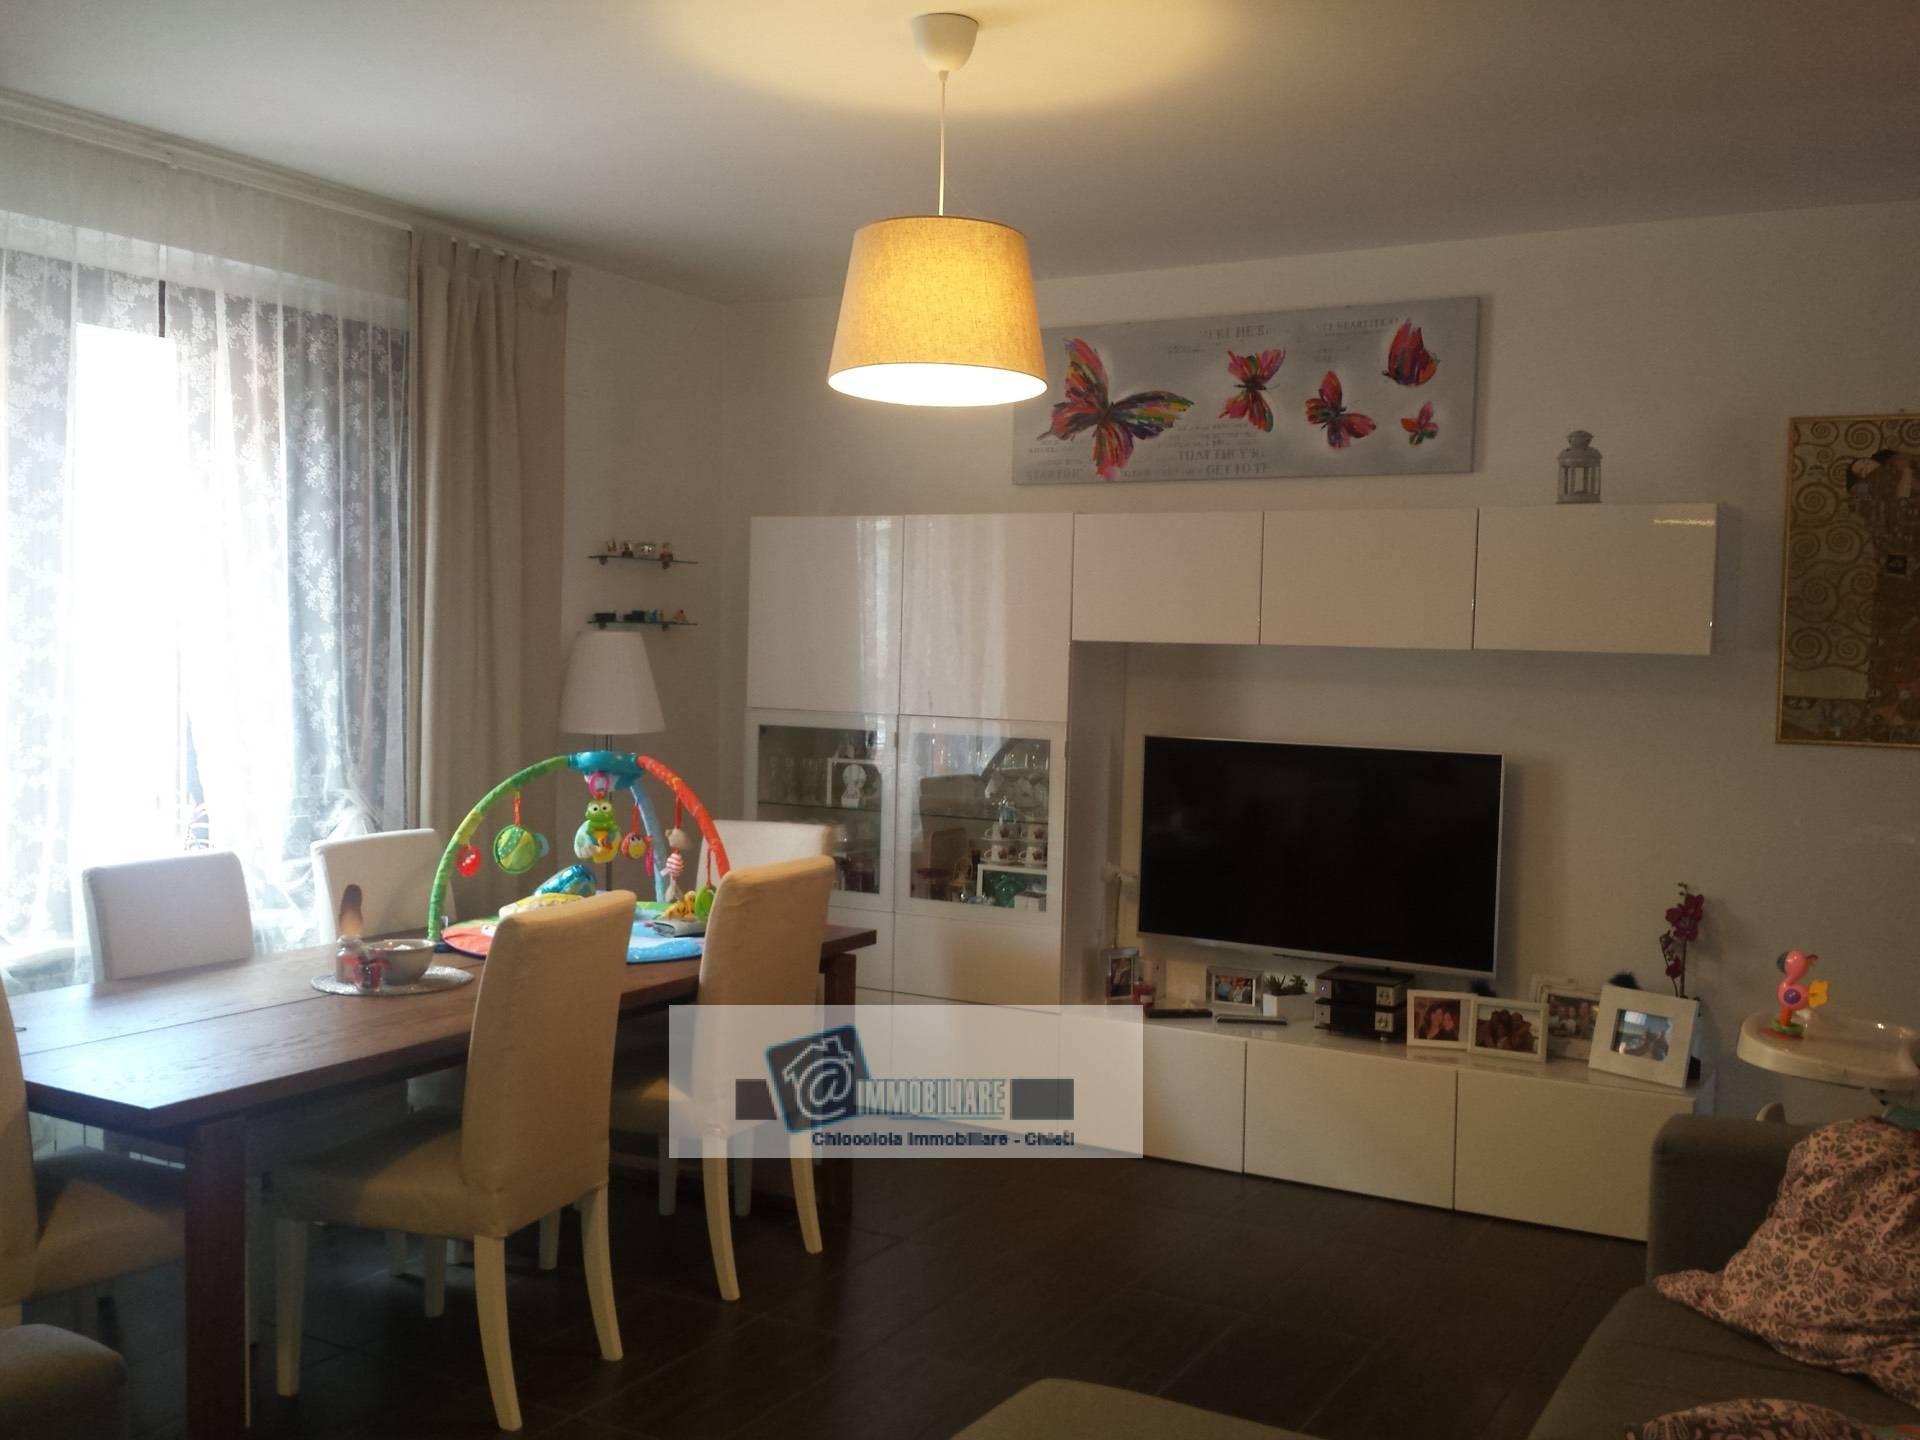 Villa in vendita a Bucchianico, 4 locali, prezzo € 112.000 | CambioCasa.it